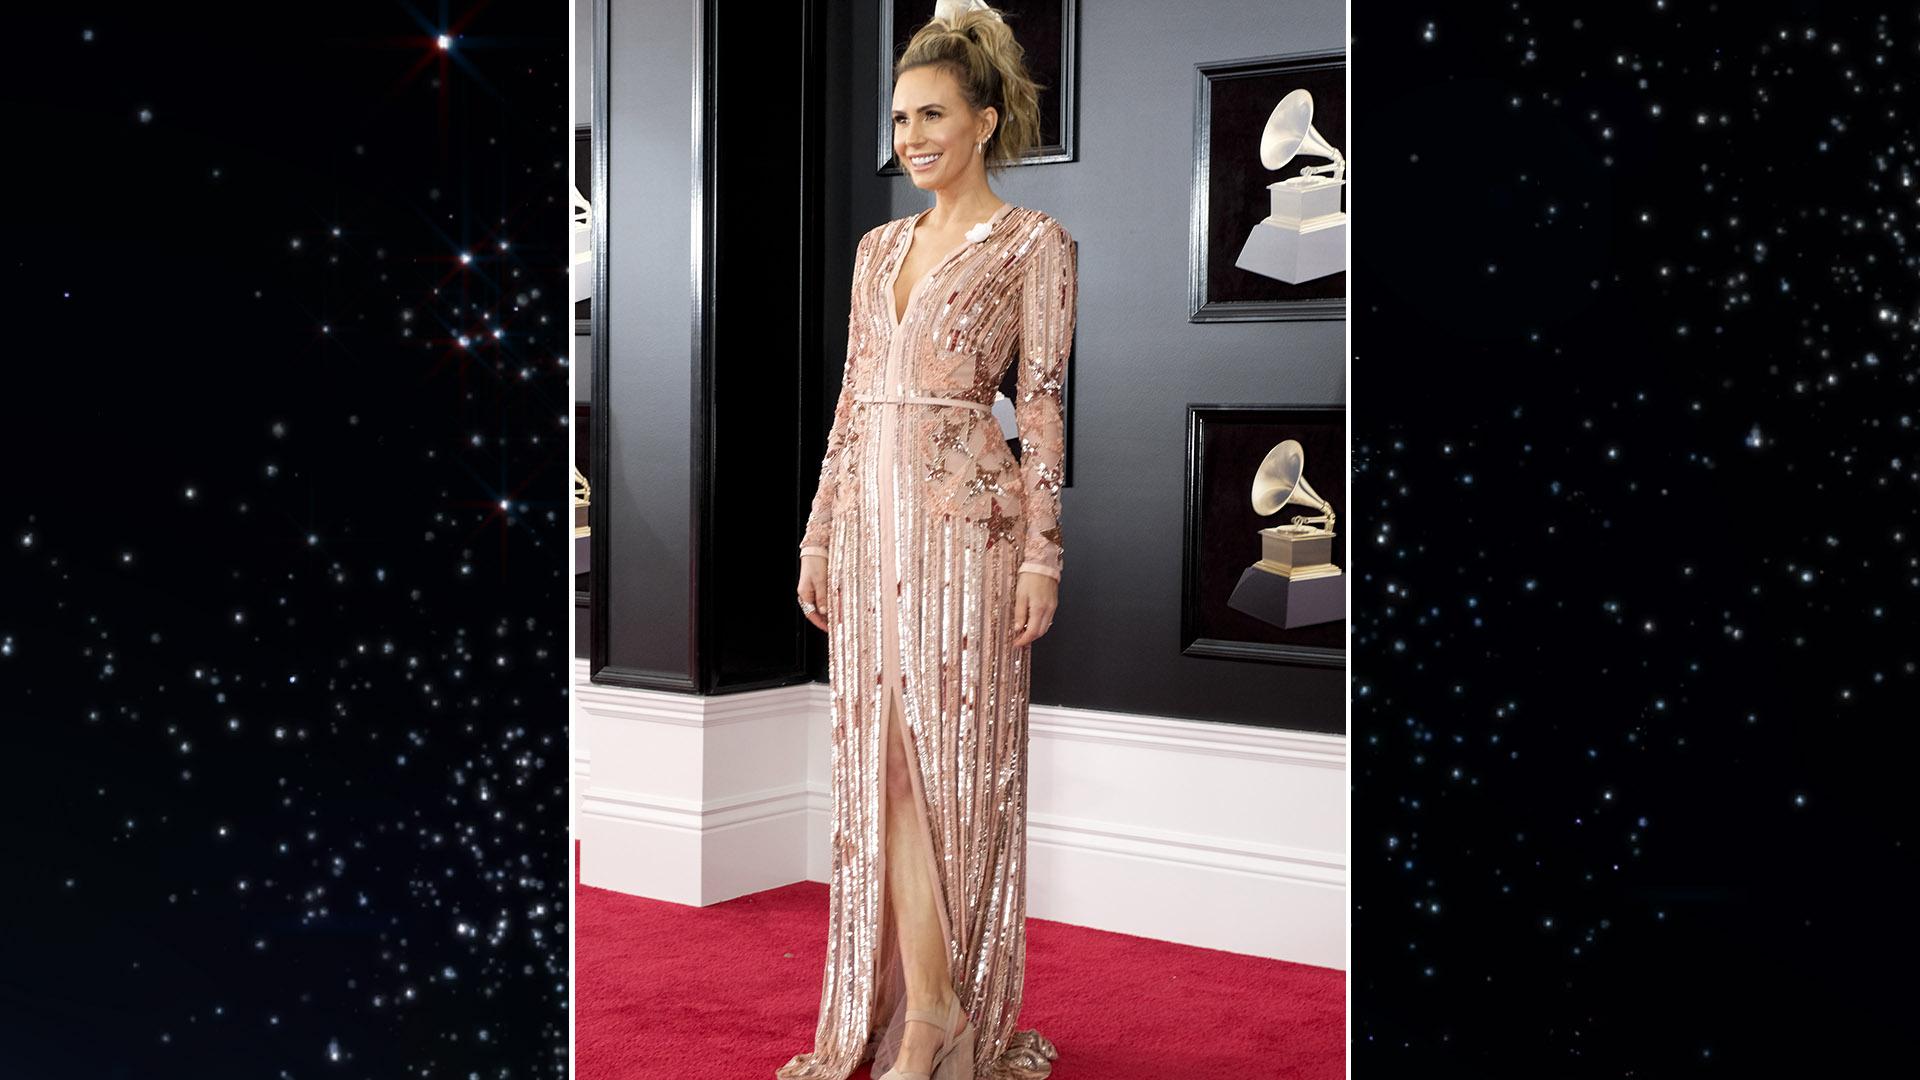 Los mejores looks de los Grammy - keltie knight